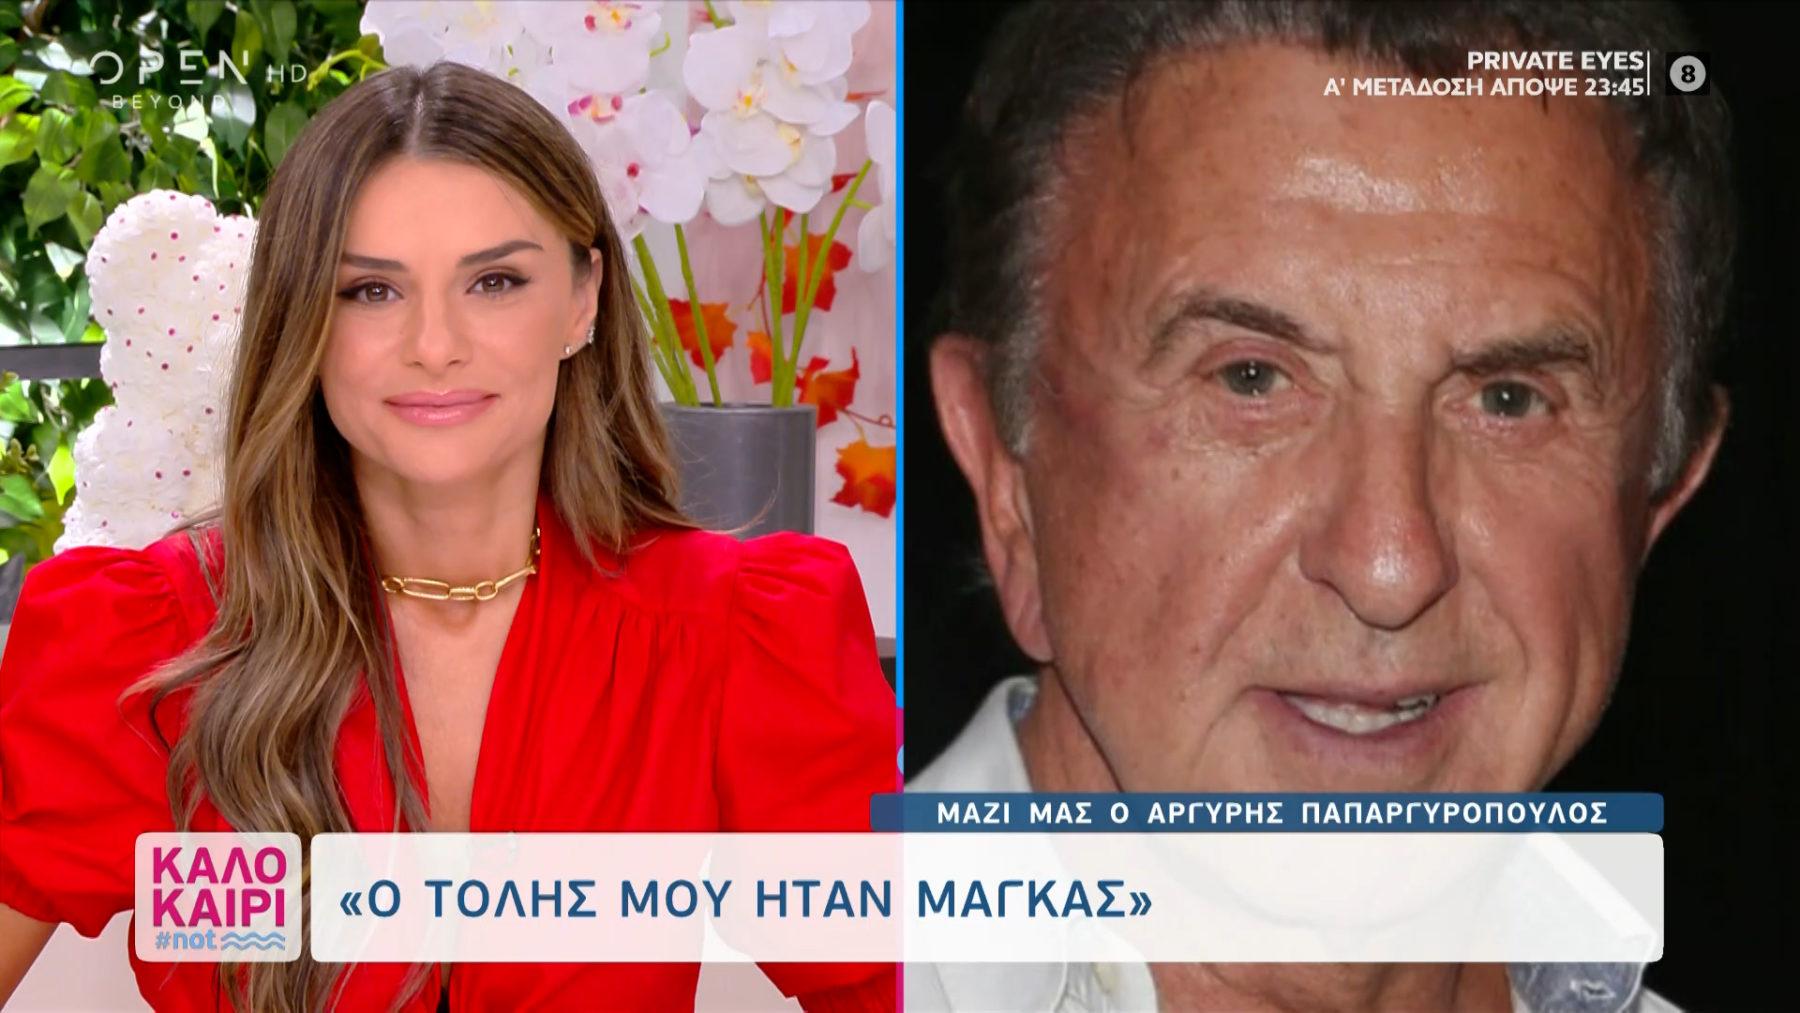 Αργύρης Παπαργυρόπουλος: «Ο Τόλης στην Άντζελα βρήκε την οικογένεια που ζητούσε - Του άξιζε αυτό, ήταν ό,τι καλύτερο του είχε συμβεί»